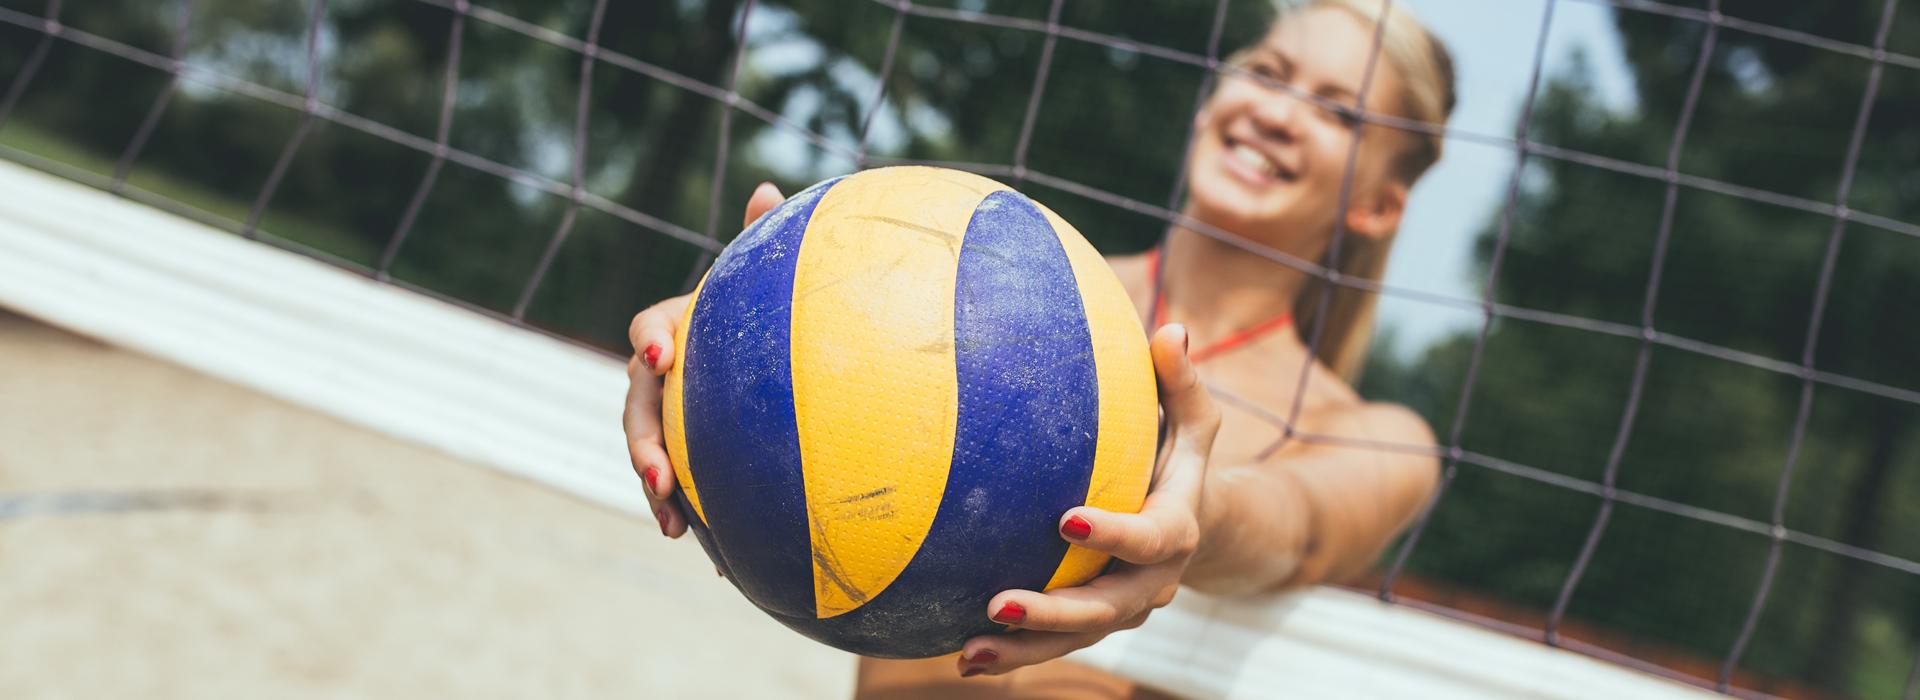 Abonnementen-Fit-For-Volleyball-Desktop-01